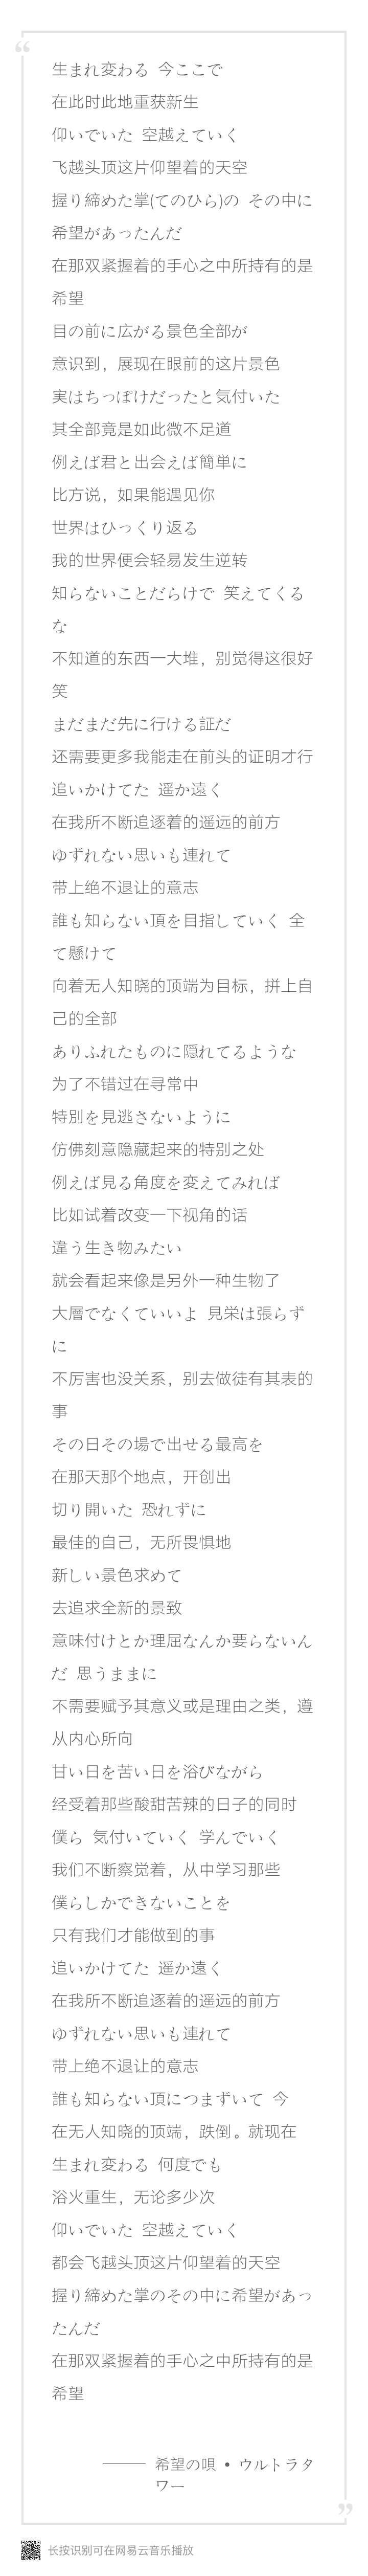 【音乐推荐】 希望の唄,发上月工资扣当月保险视频